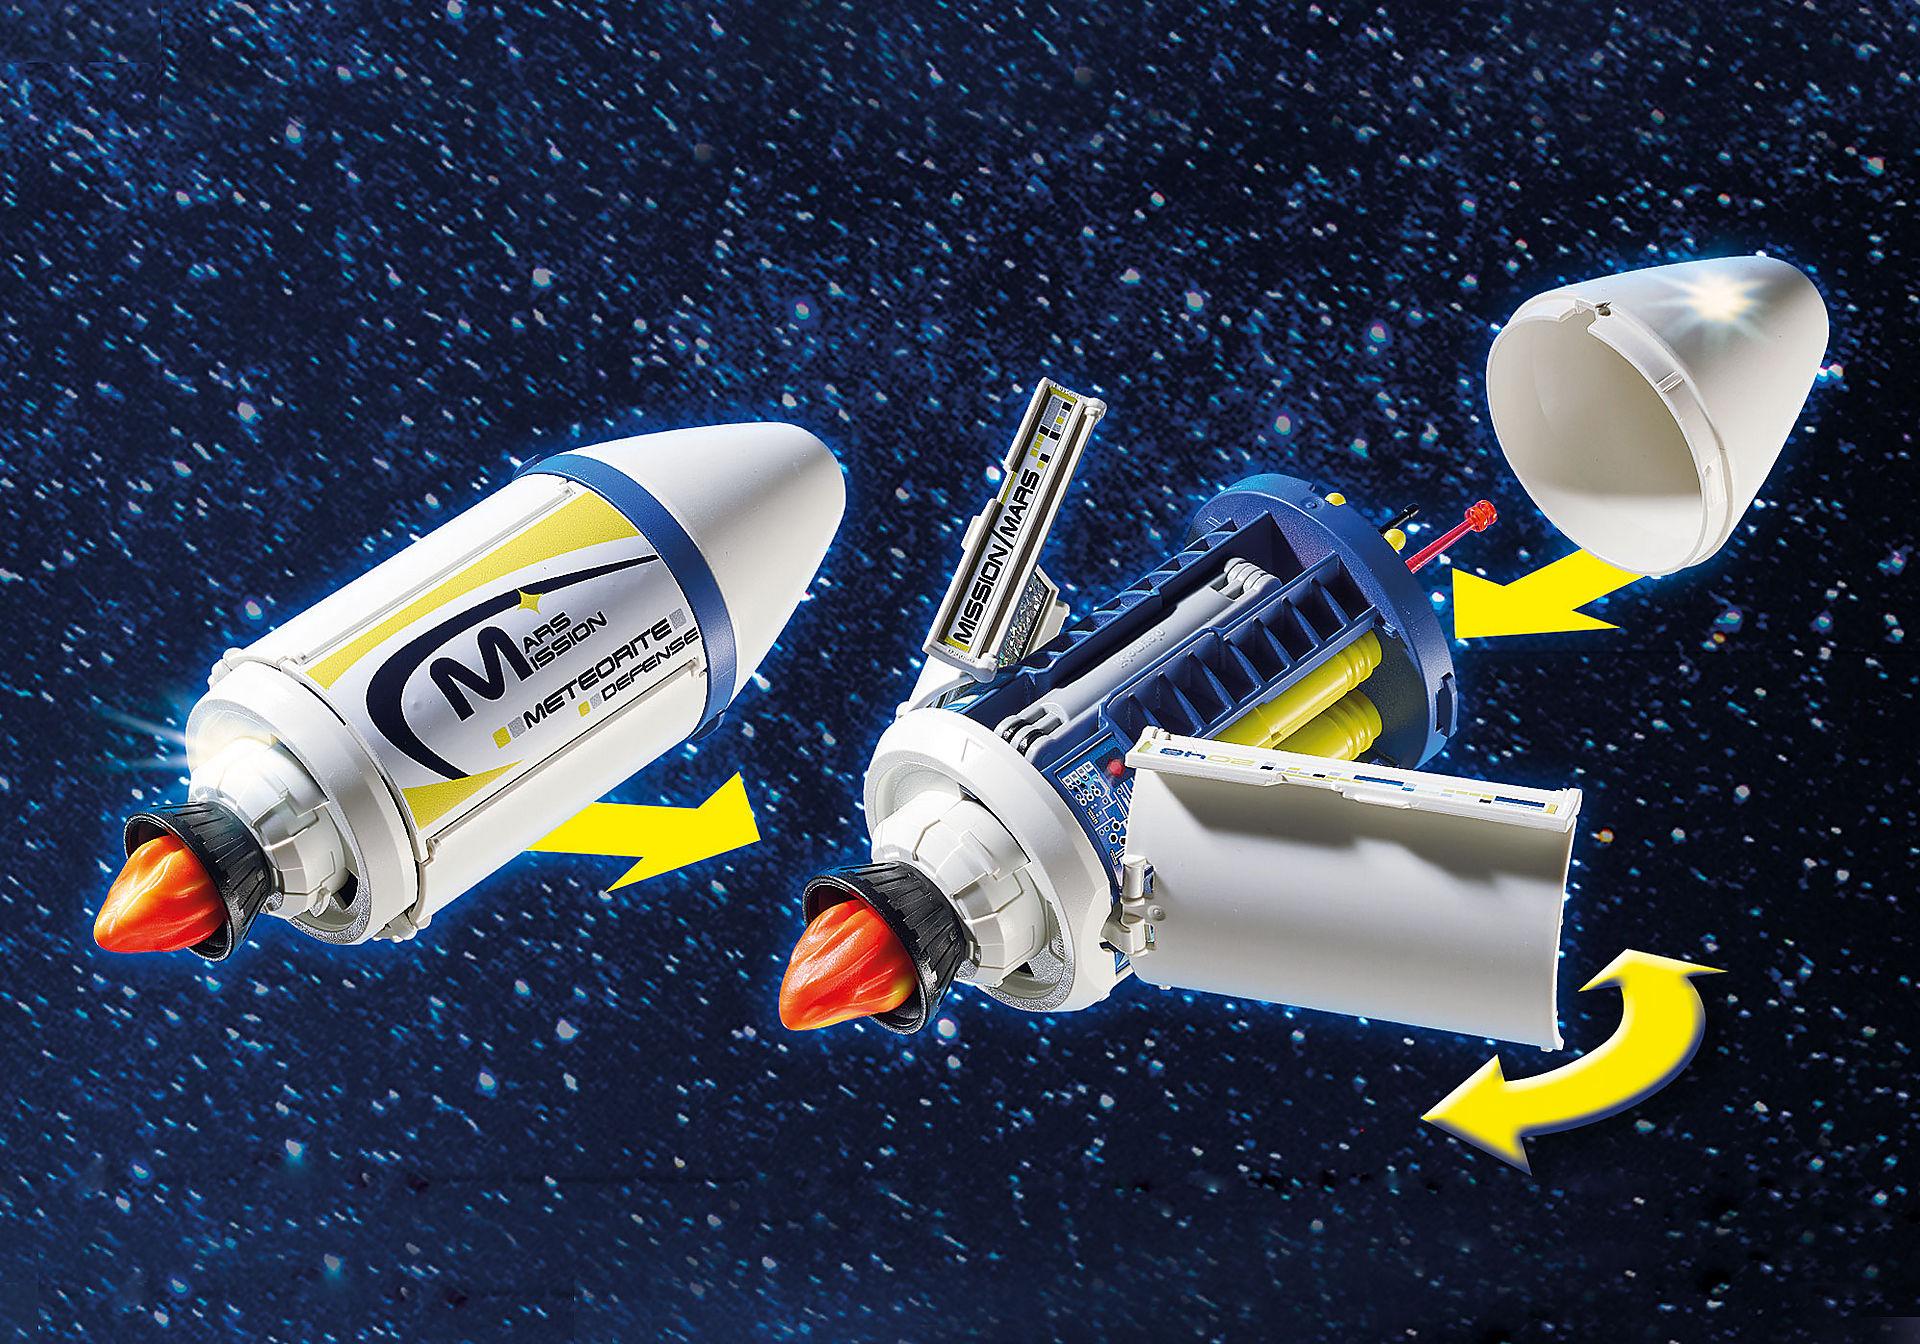 9490 Meteoroïde laser zoom image4